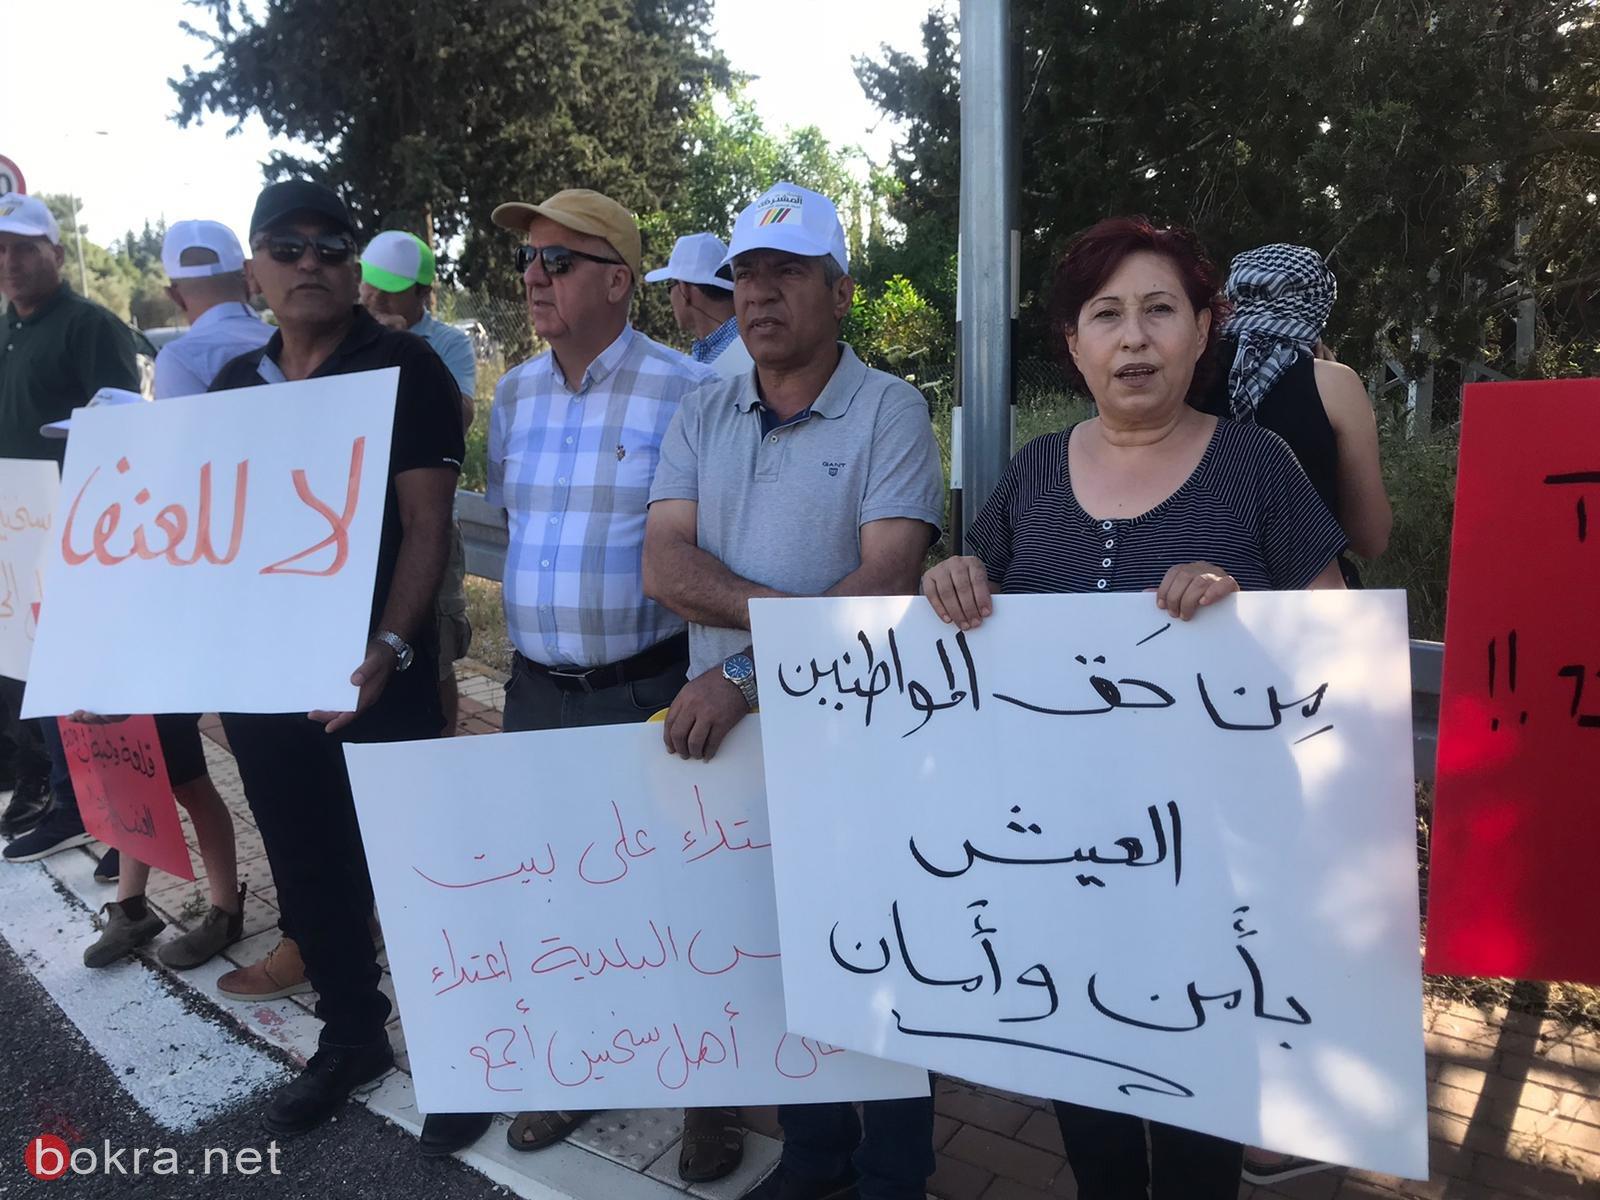 سخنين: تظاهرة رفع شعارات مقابل محطة شرطة مسجاف